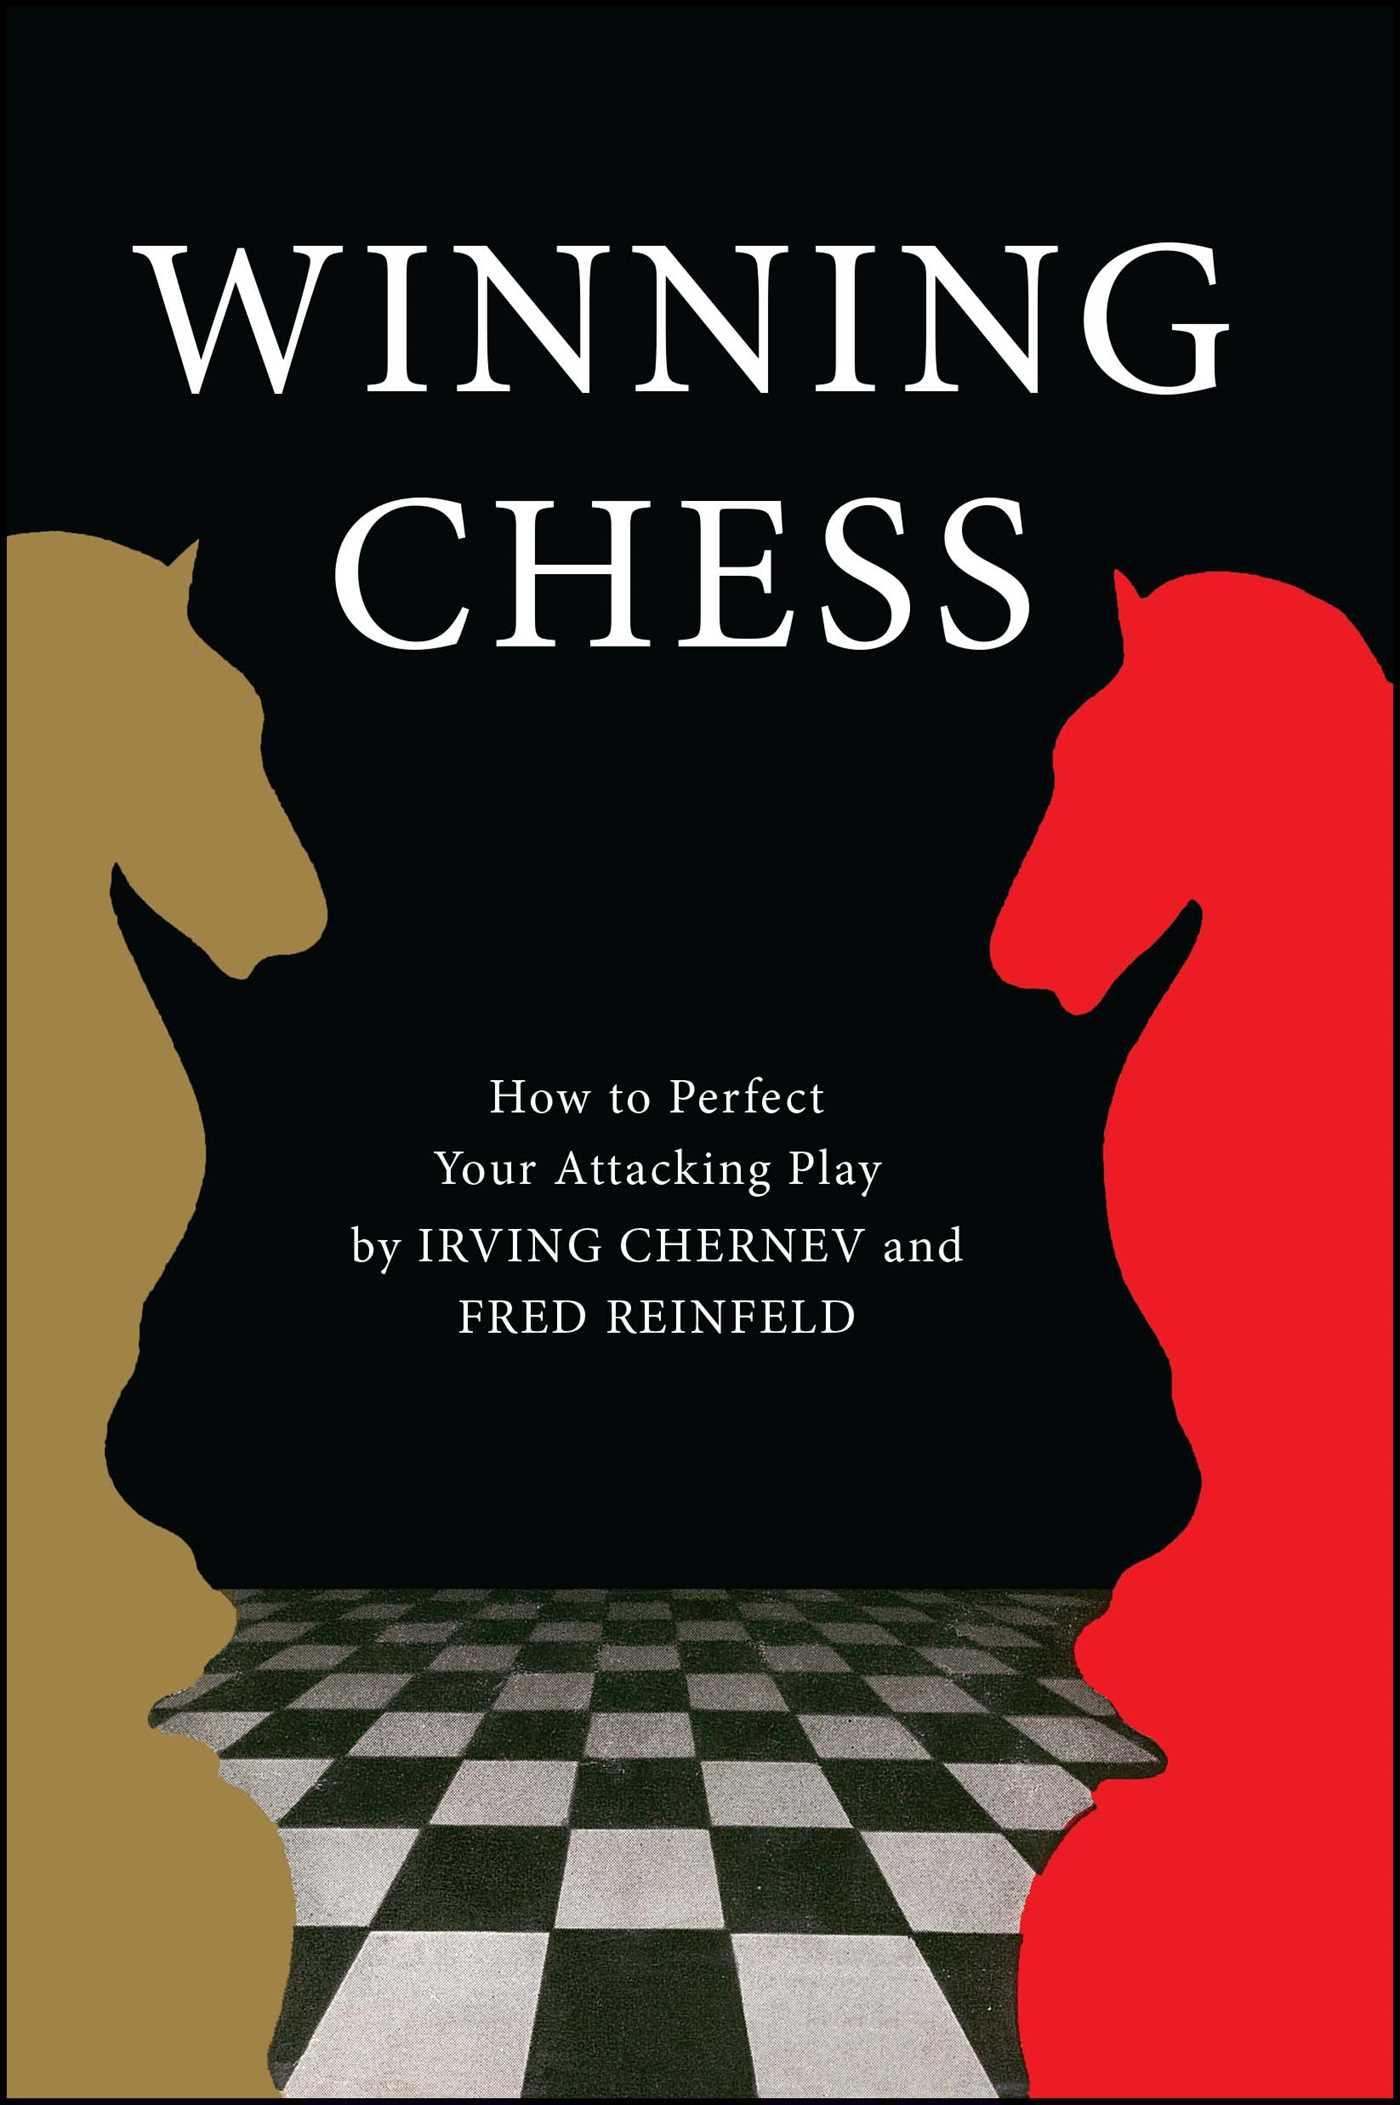 Winning chess 9781501117589 hr